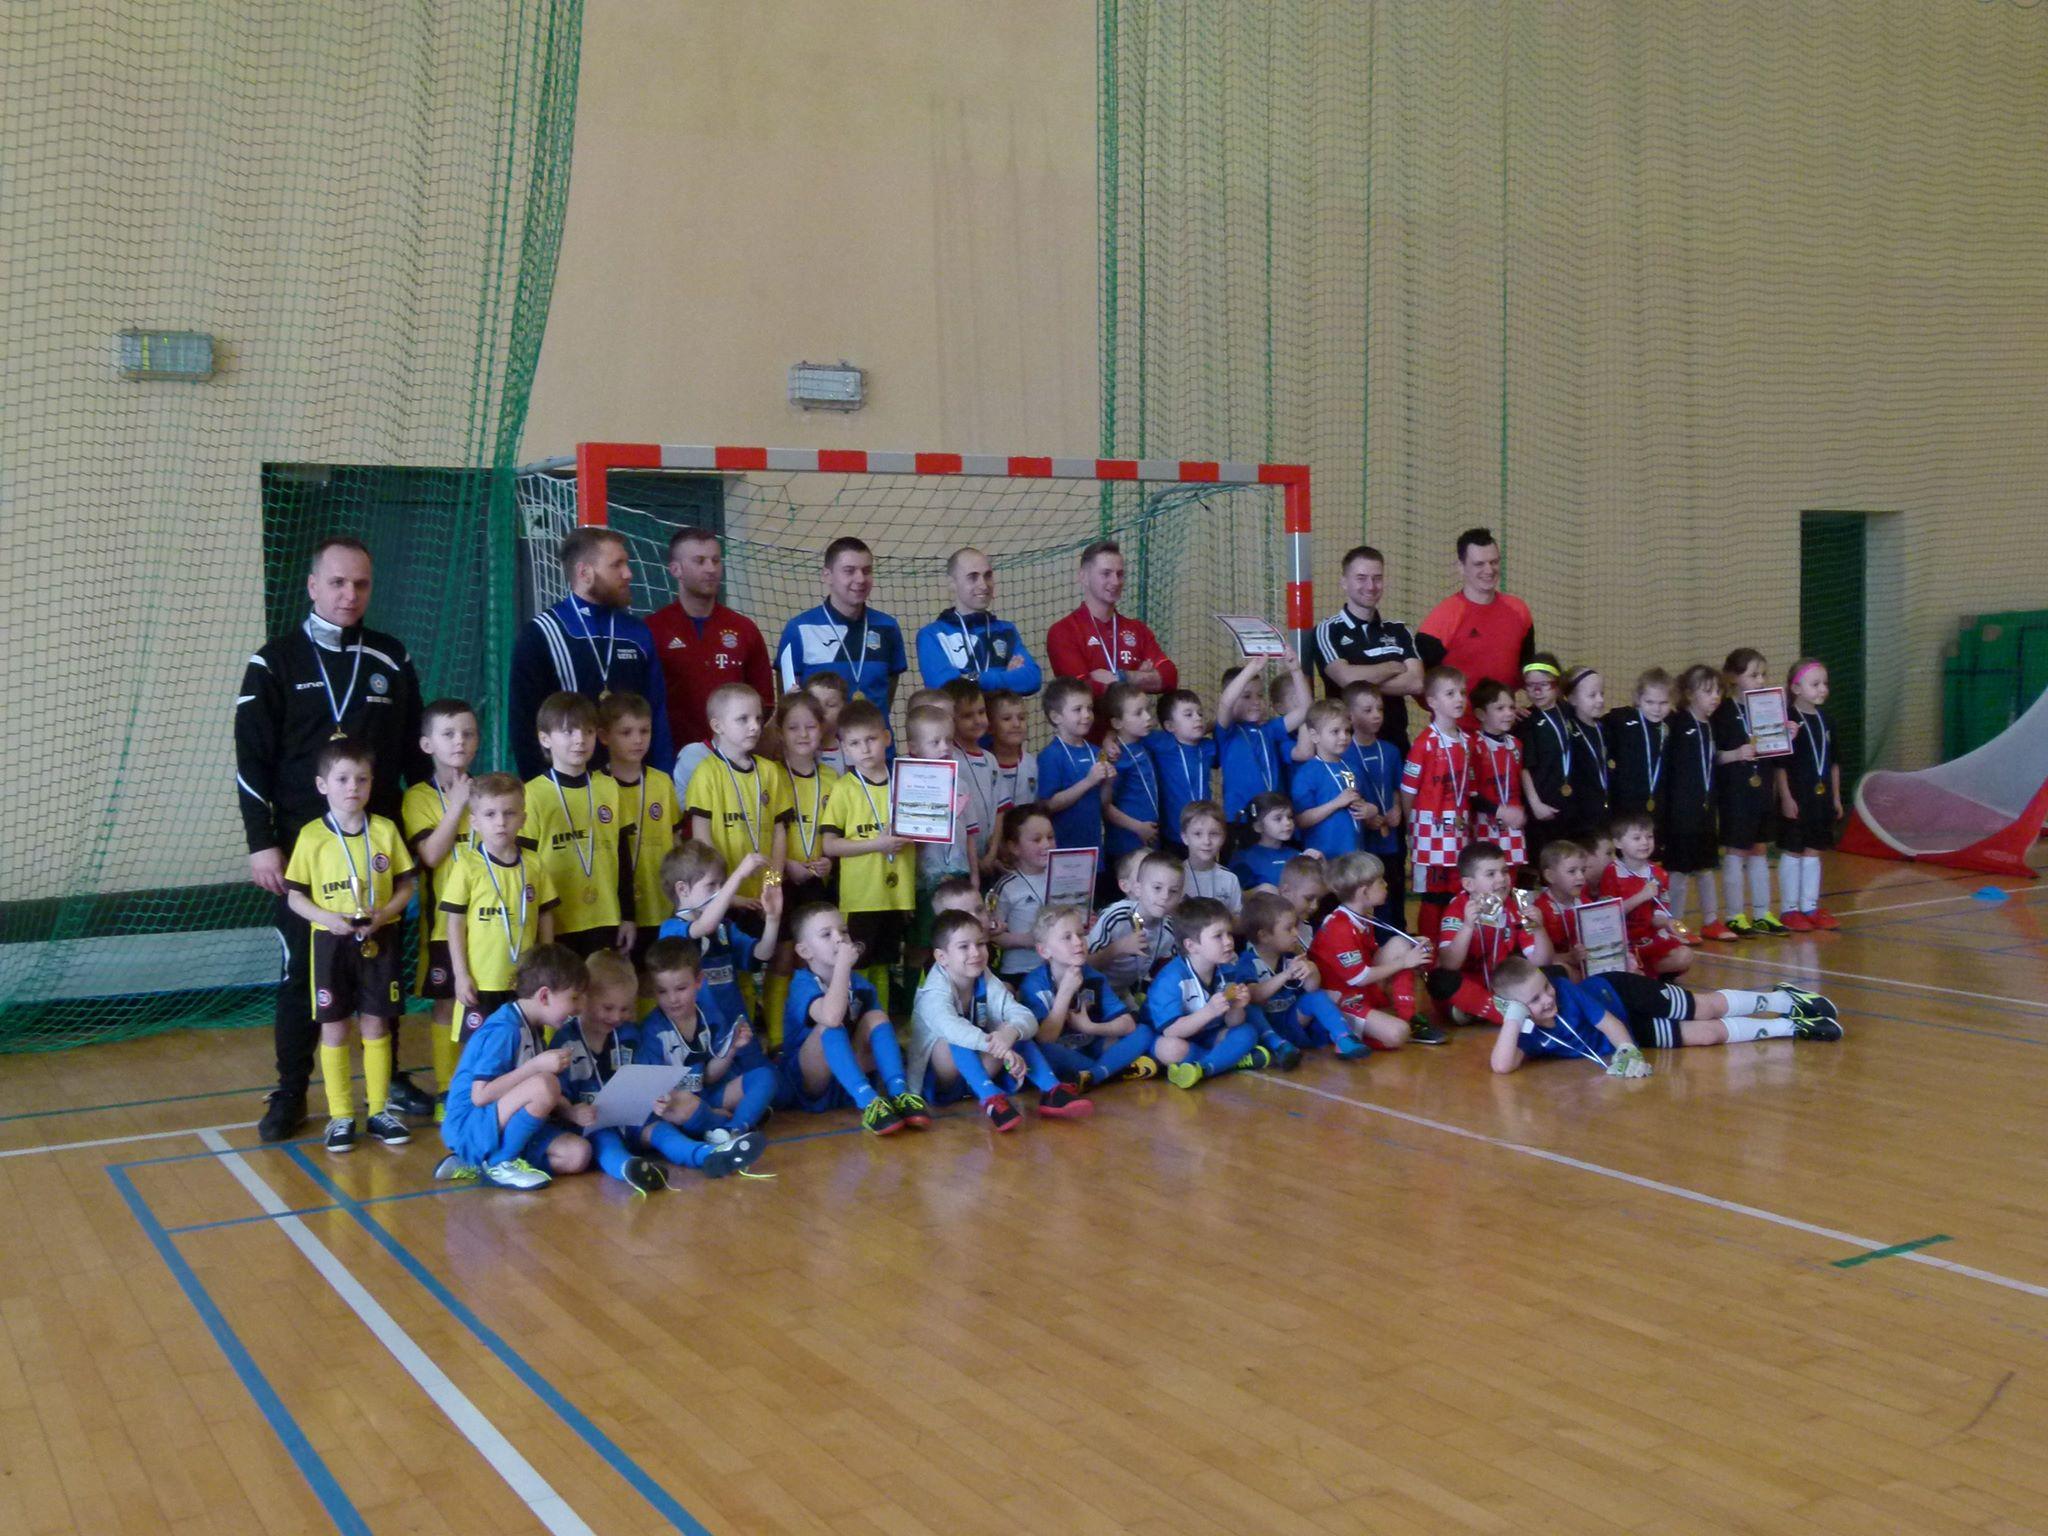 Piłkarskie Przedszkole Rymera wraz z innymi drużynami